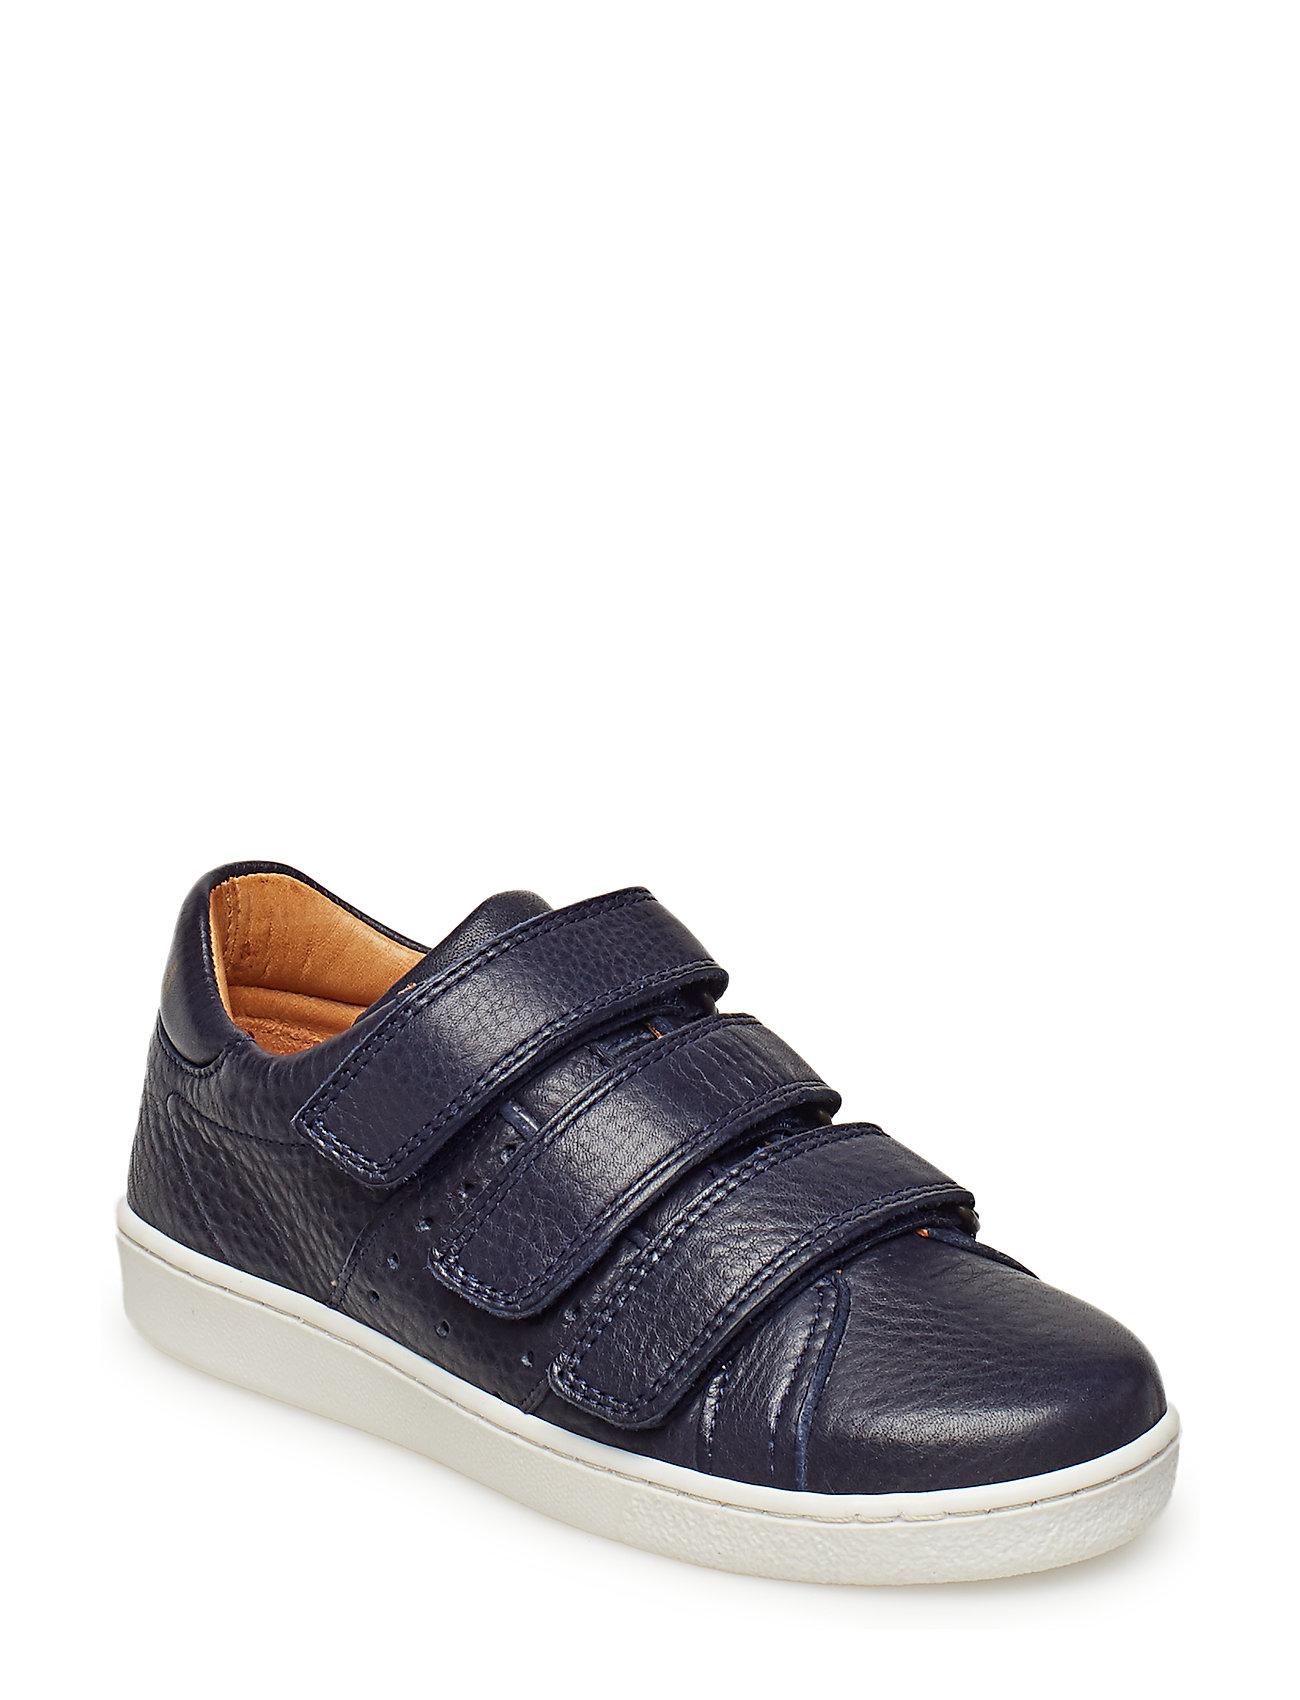 Bisgaard Velcro shoe - NAVY